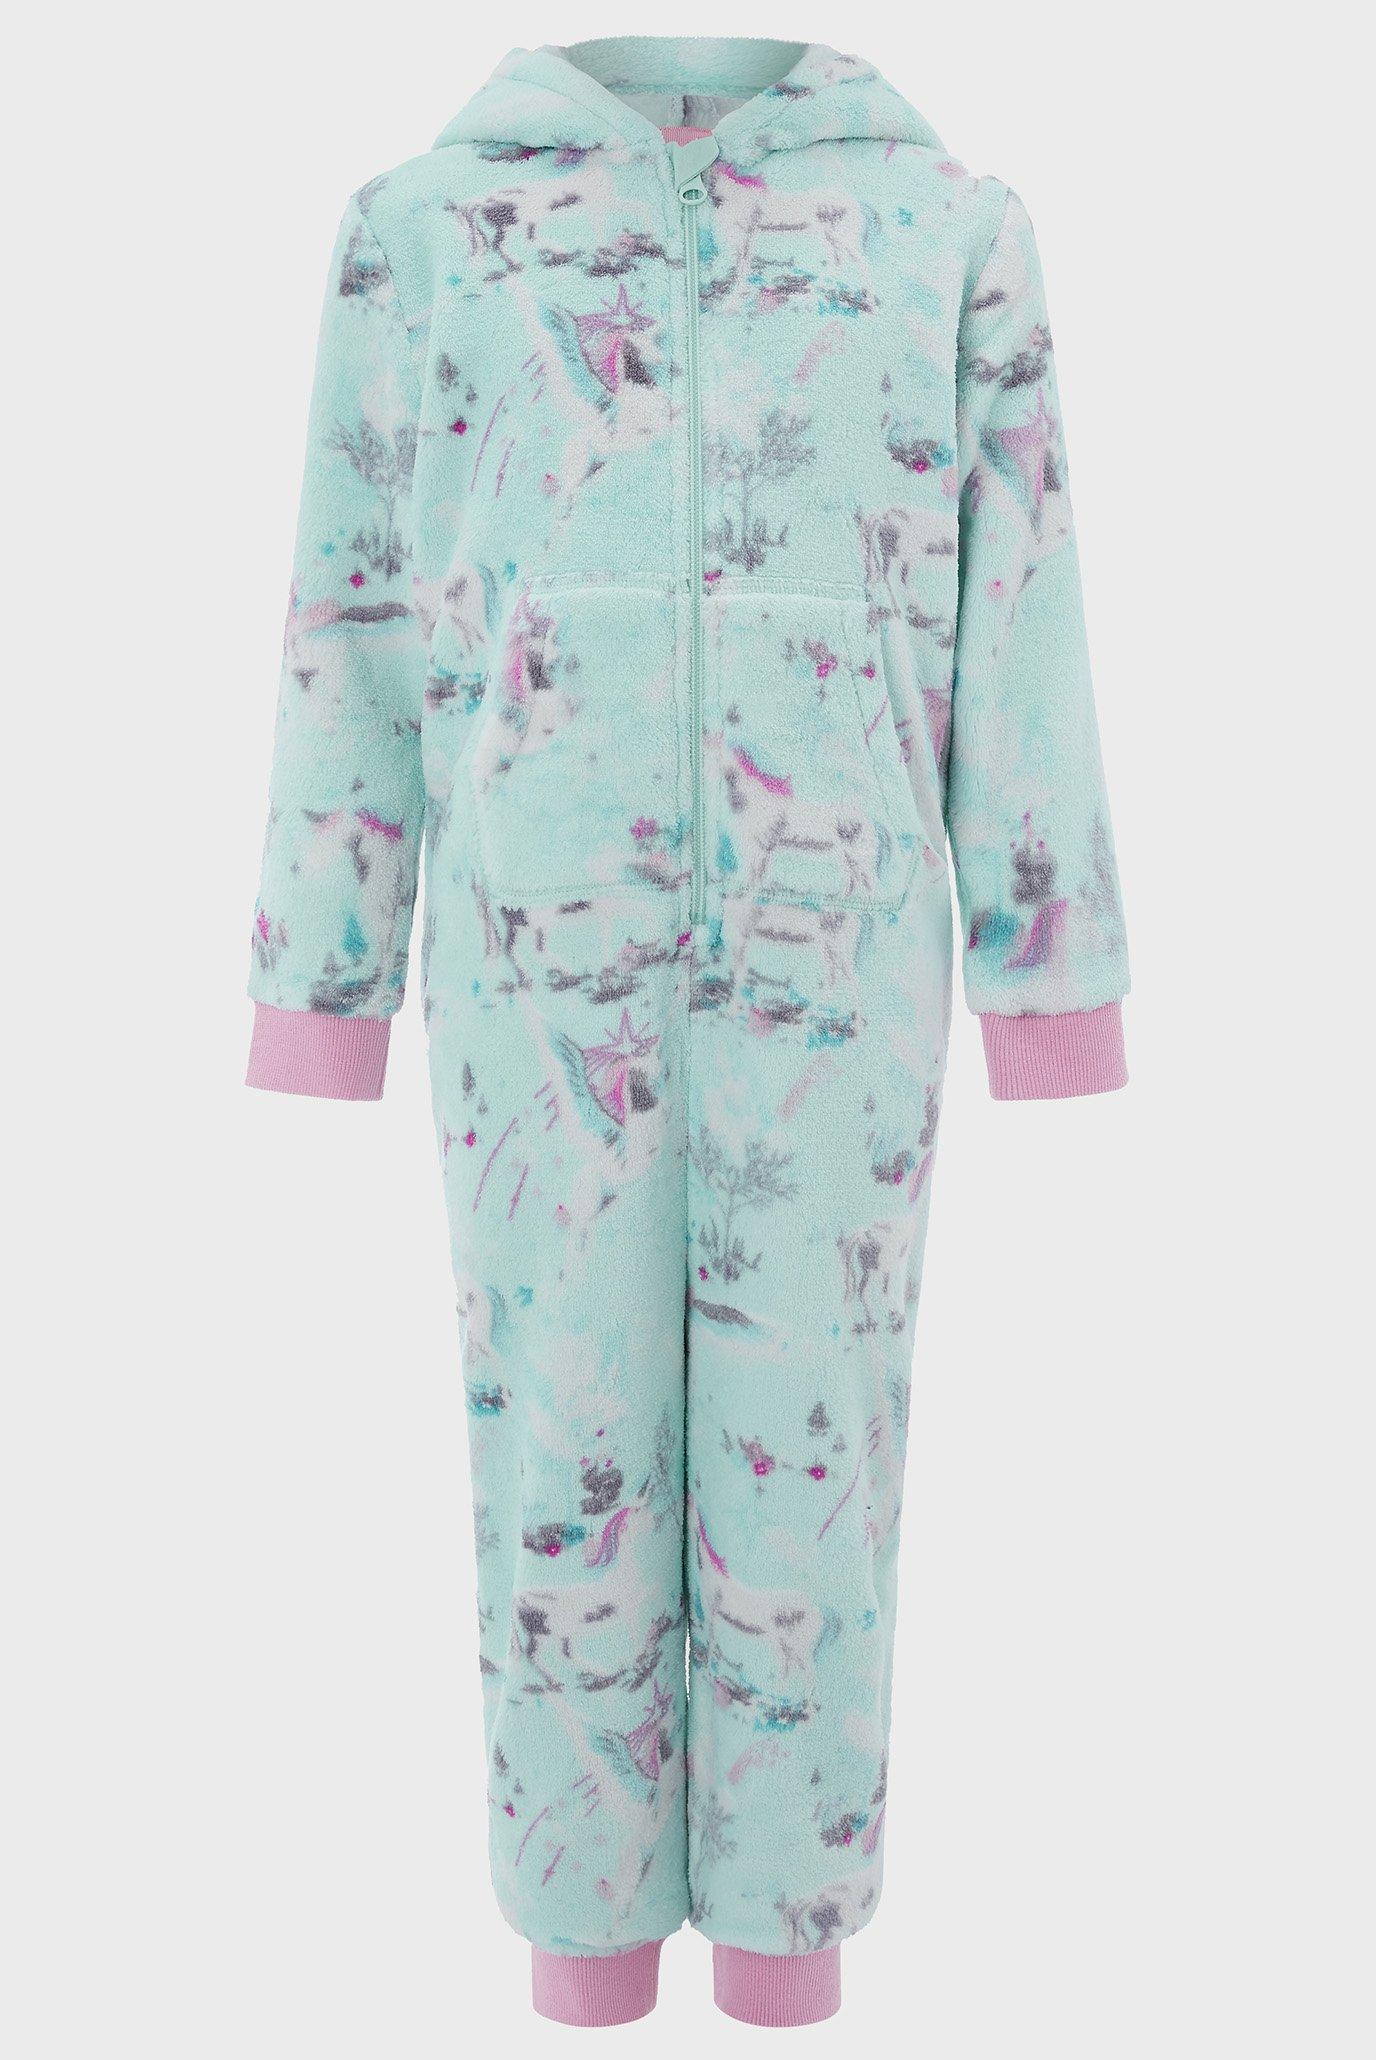 Купить Детская голубая флисовая пижама Monsoon Children Monsoon Children  318067 – Киев 66a61d3bf423b